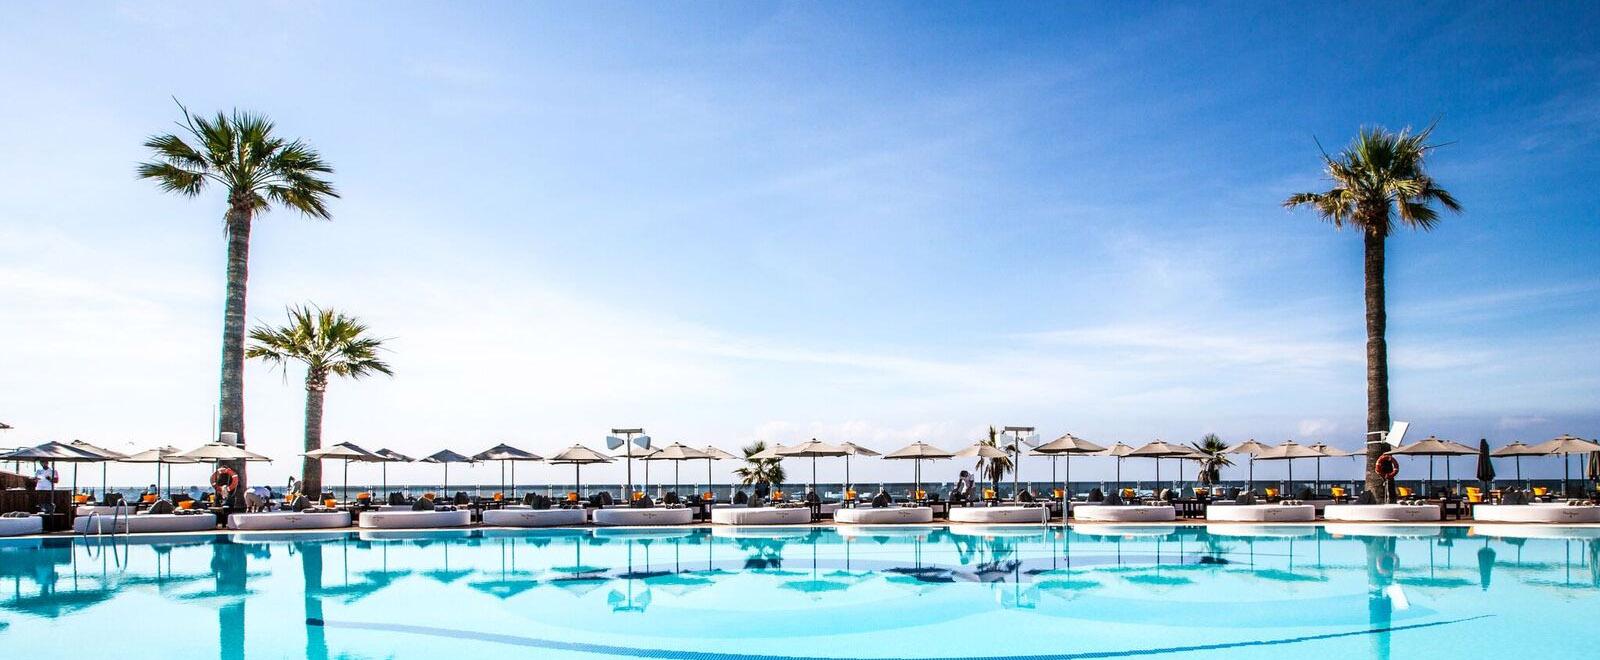 La Costa del Sol y sus exclusivos clubs de playa - Marbella Unique Properties - Ocean club